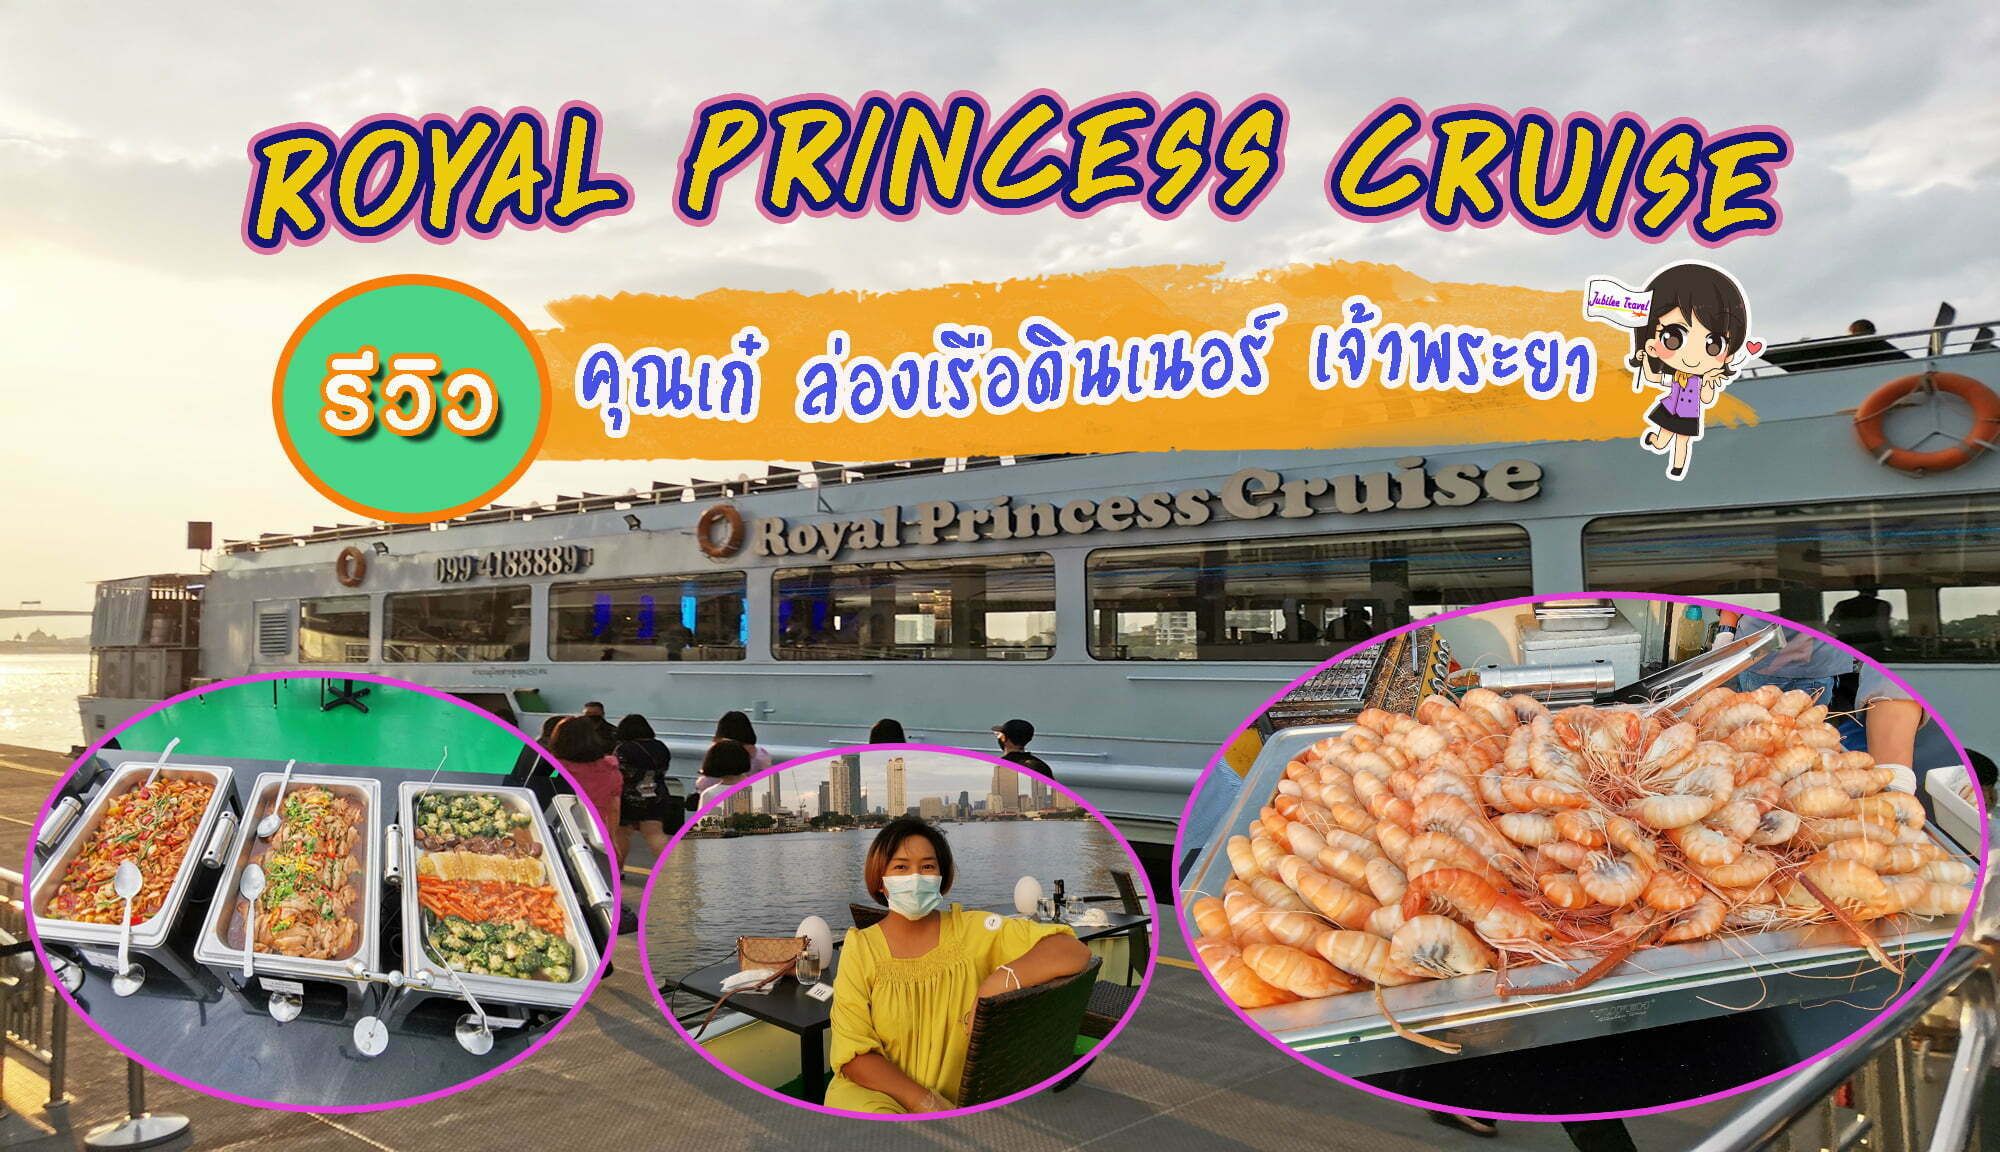 รีวิวคุณลูกค้า คุณเก๋ แพคเกจล่องเรือดินเนอร์ เรือ Royal Princess Cruise